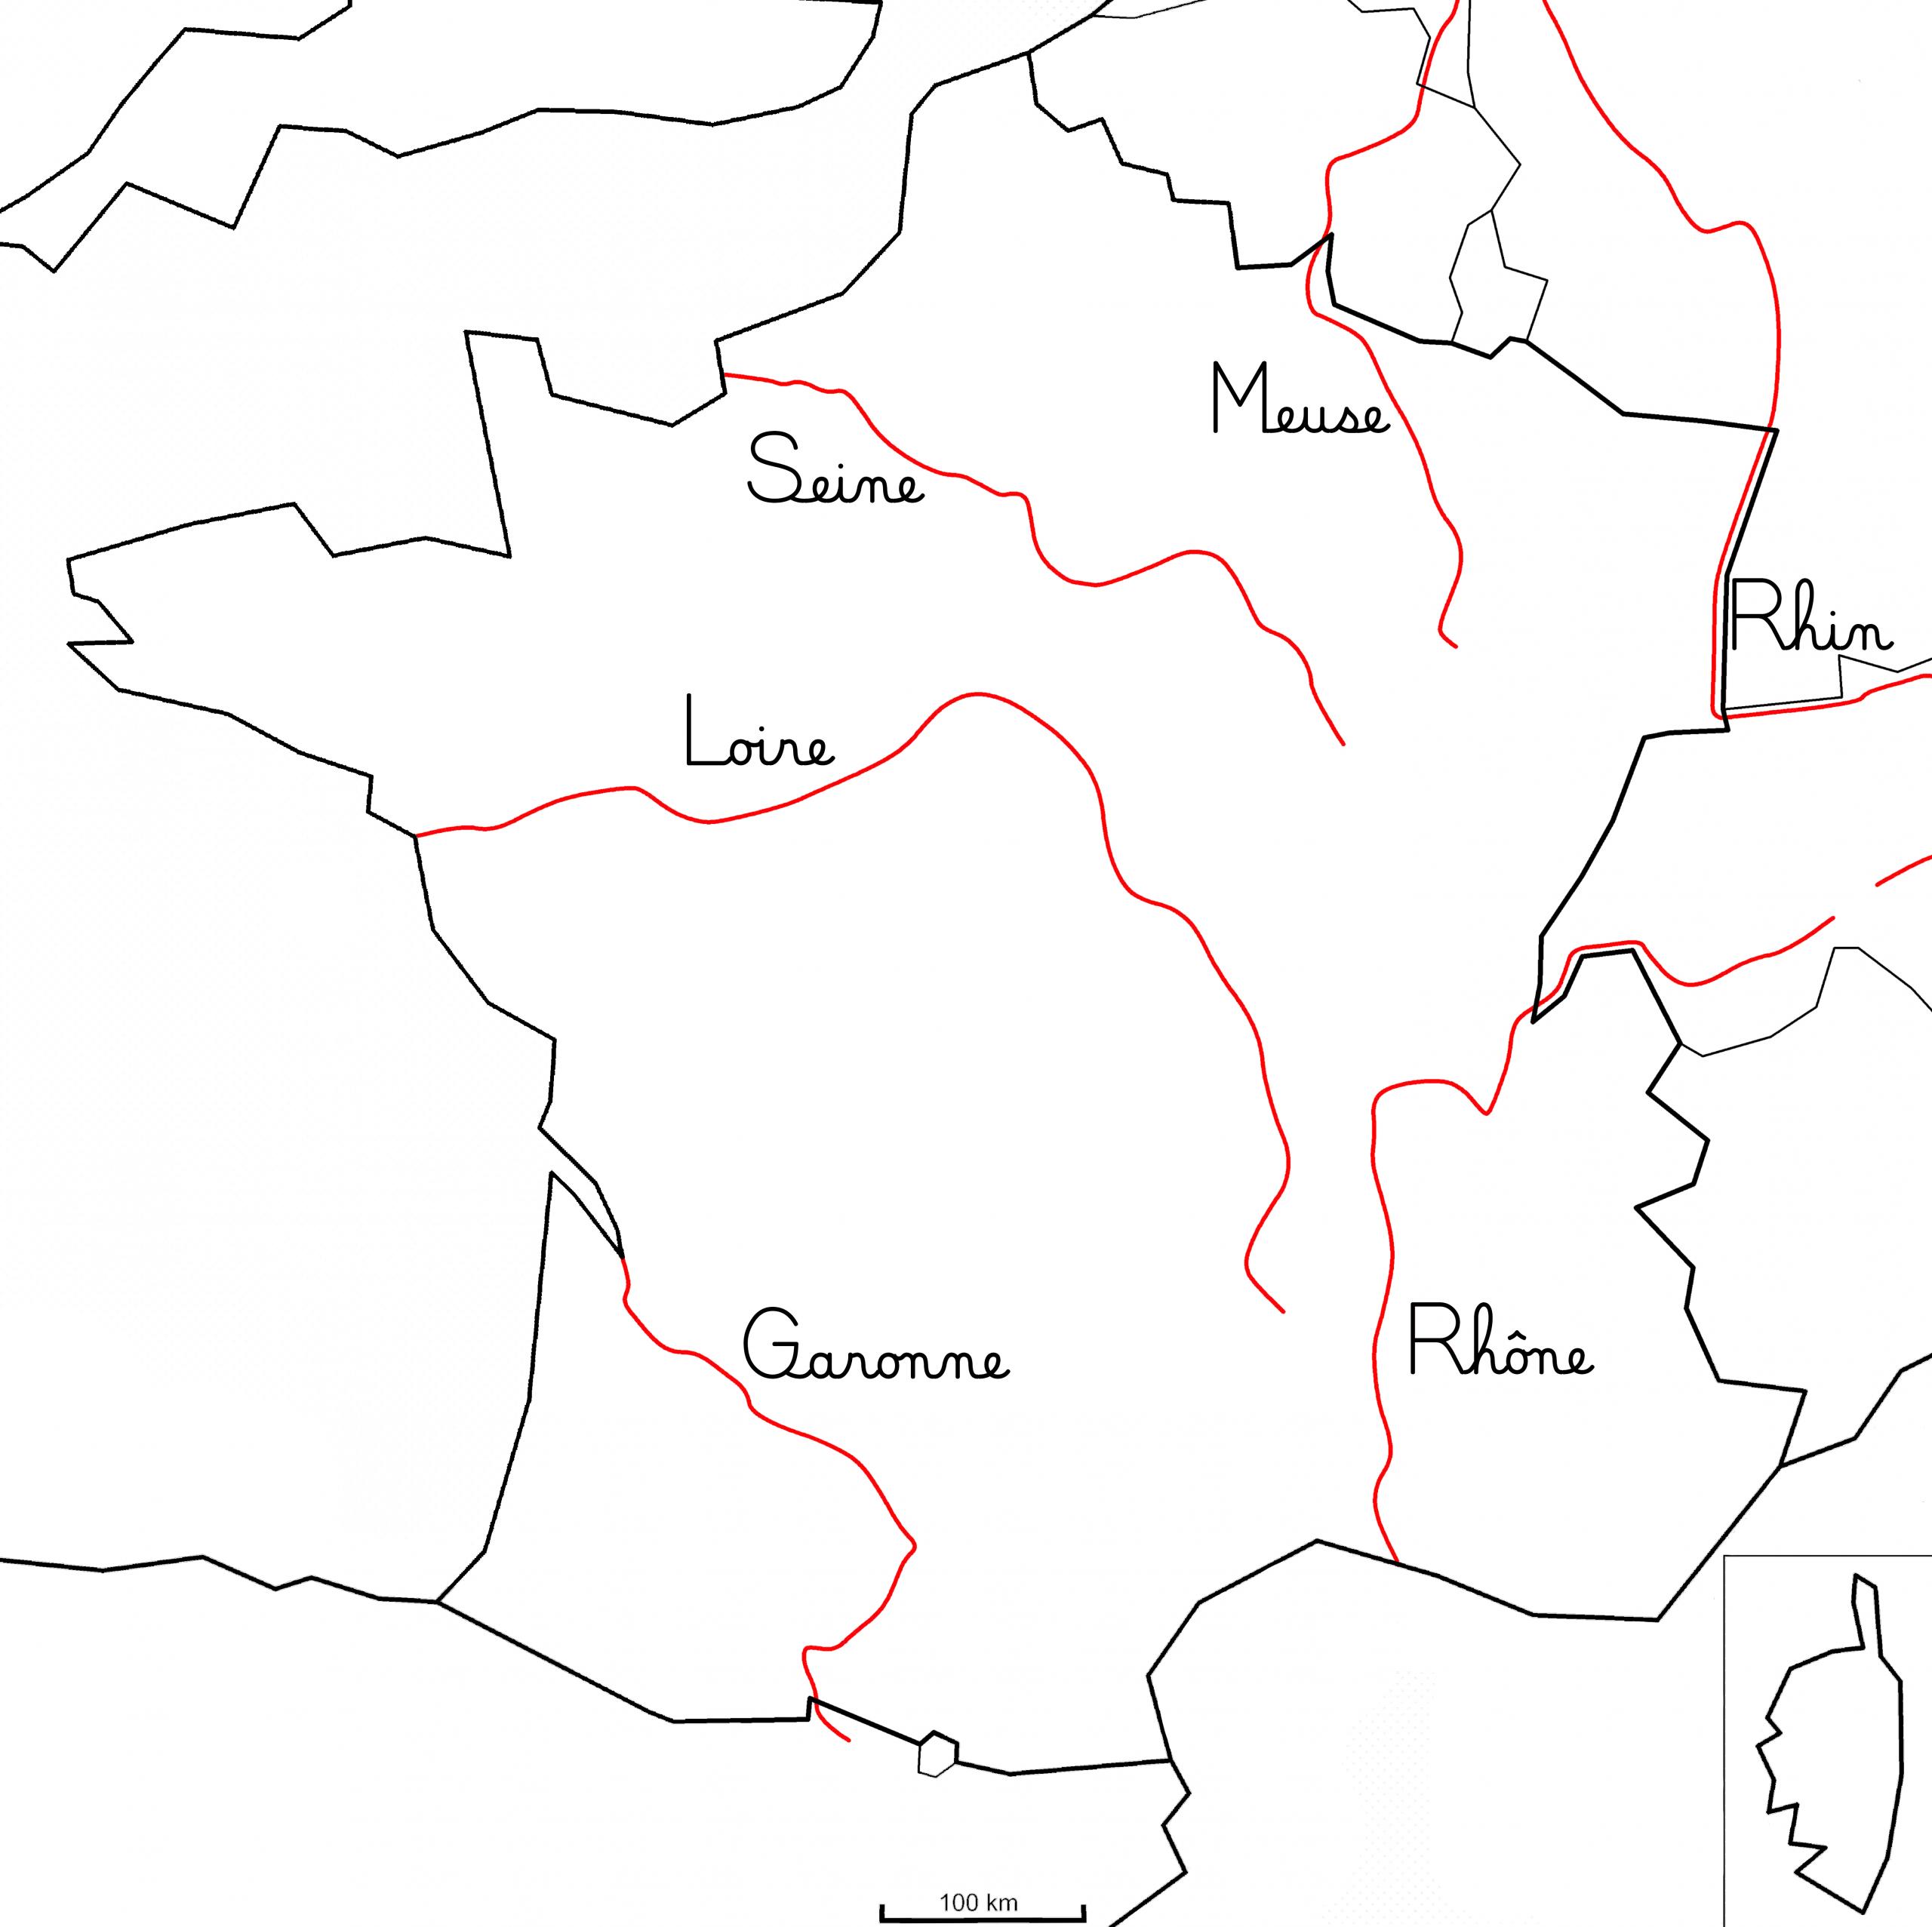 Les Principaux Fleuves De France - Montessori Etcie pour Carte De France Des Fleuves